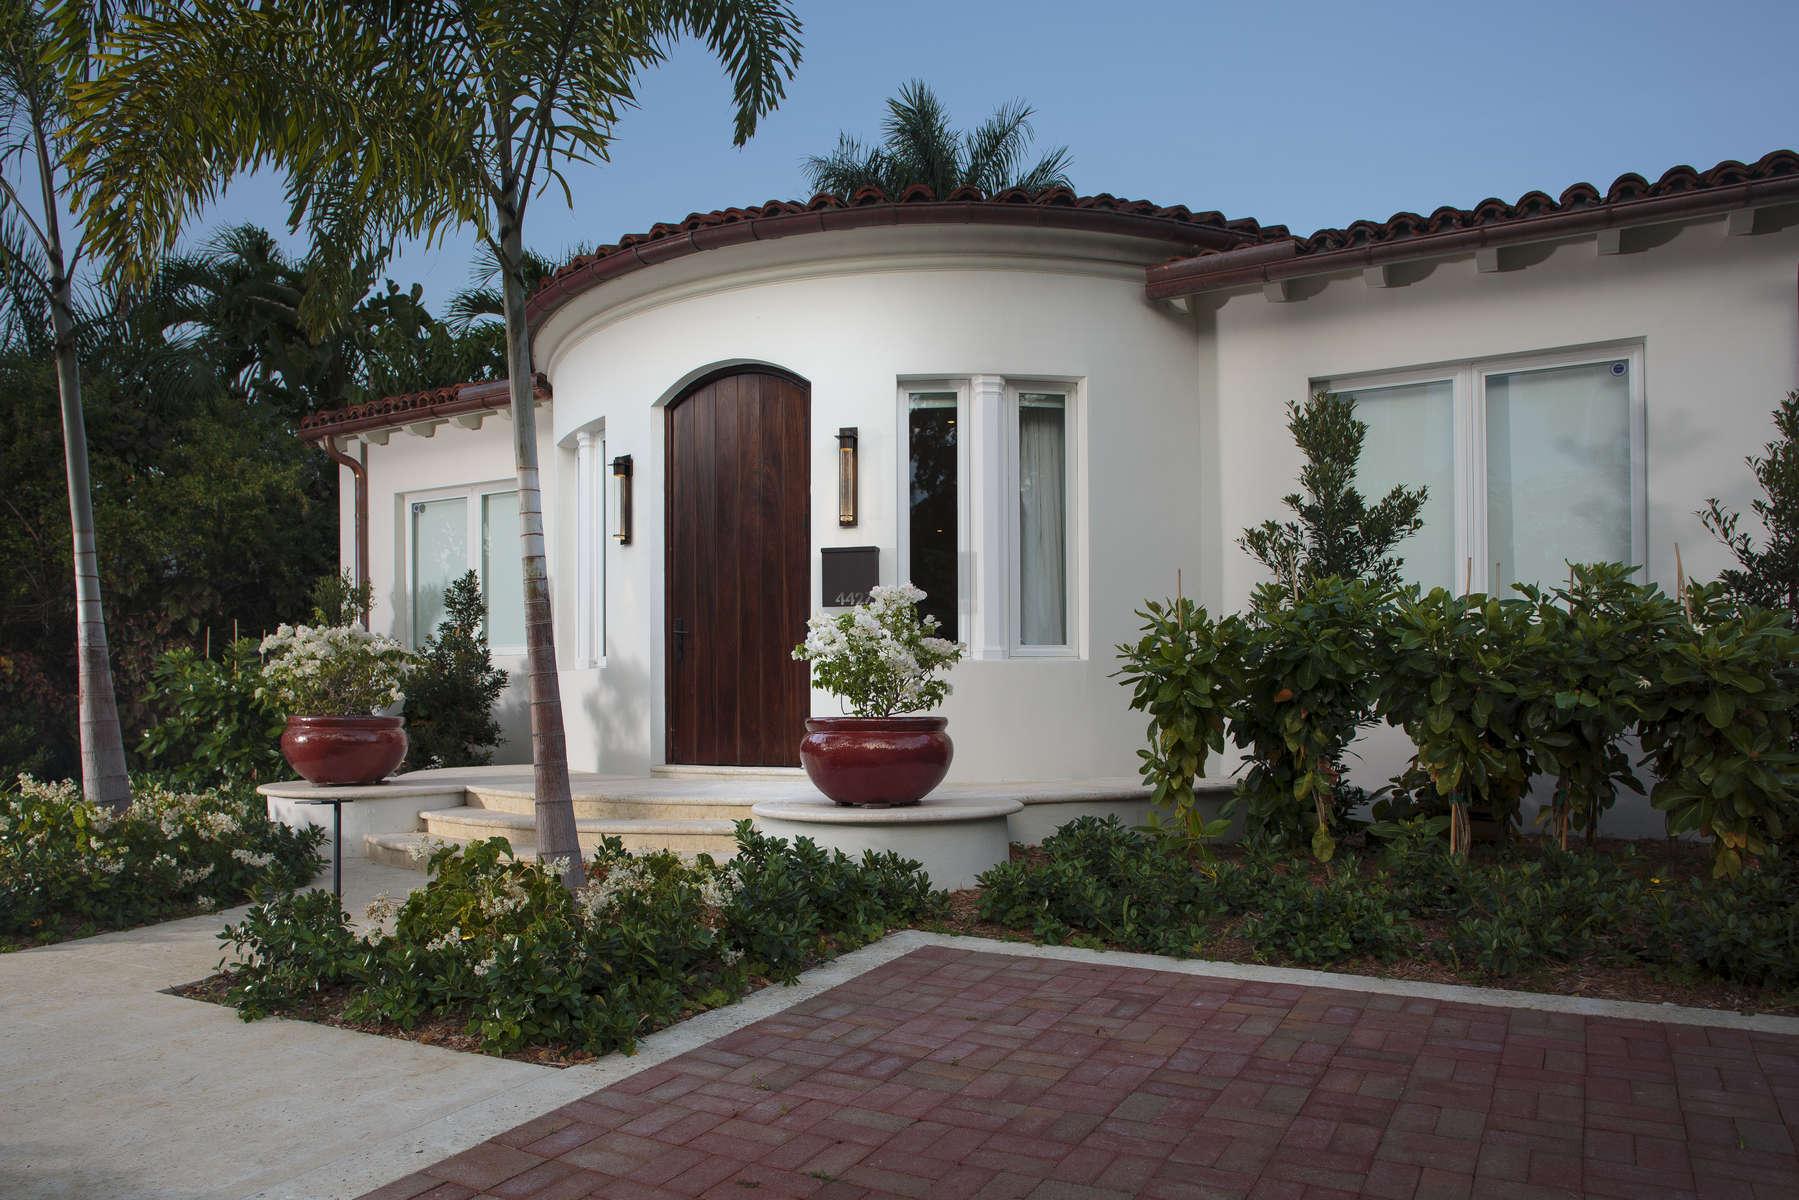 HOUSE-FACADE-1